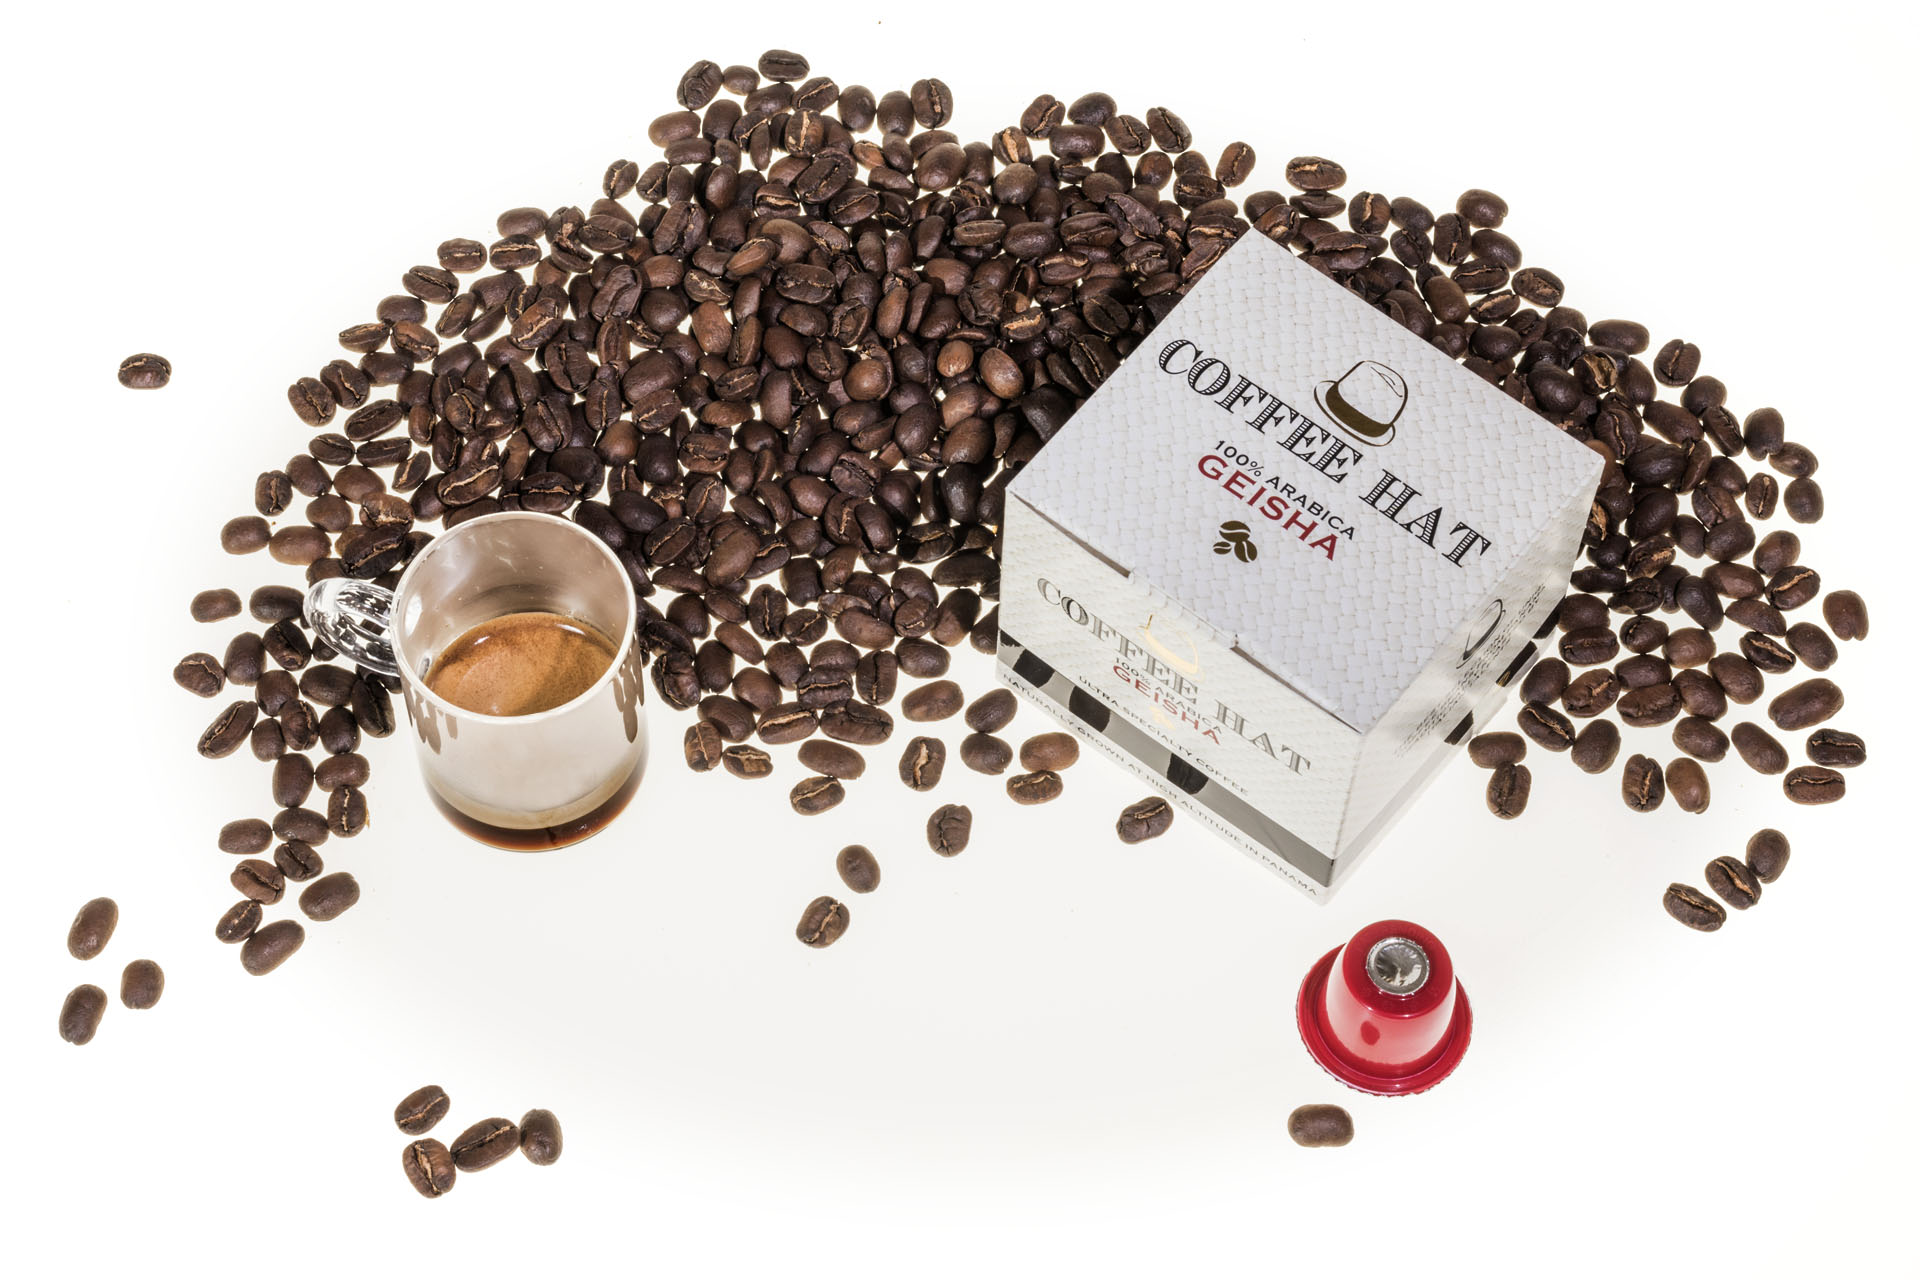 El café más premium del Caribe llega de la mano de Coffee Hat